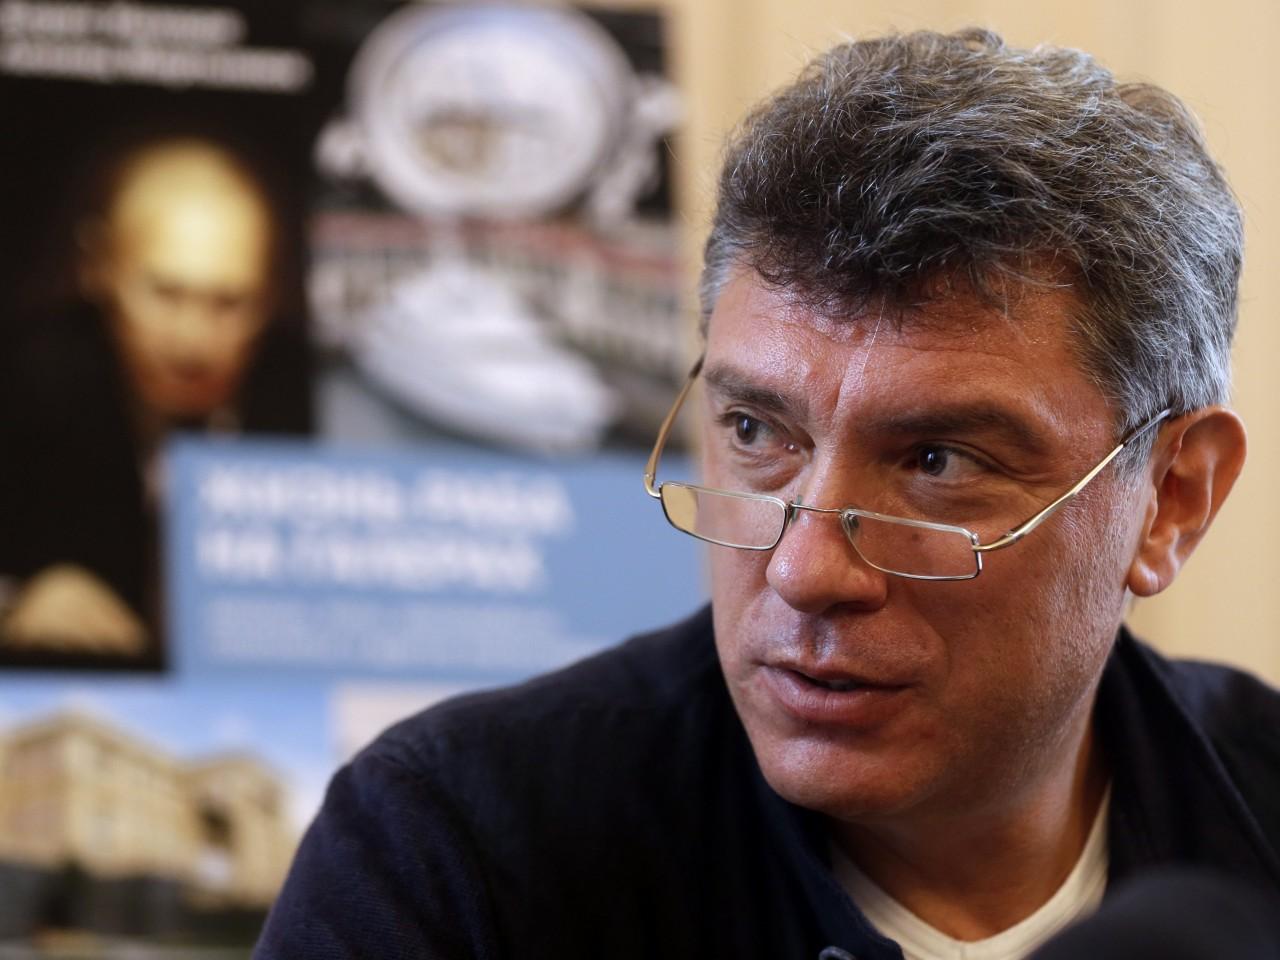 Немцов, Венедиктов, гибель